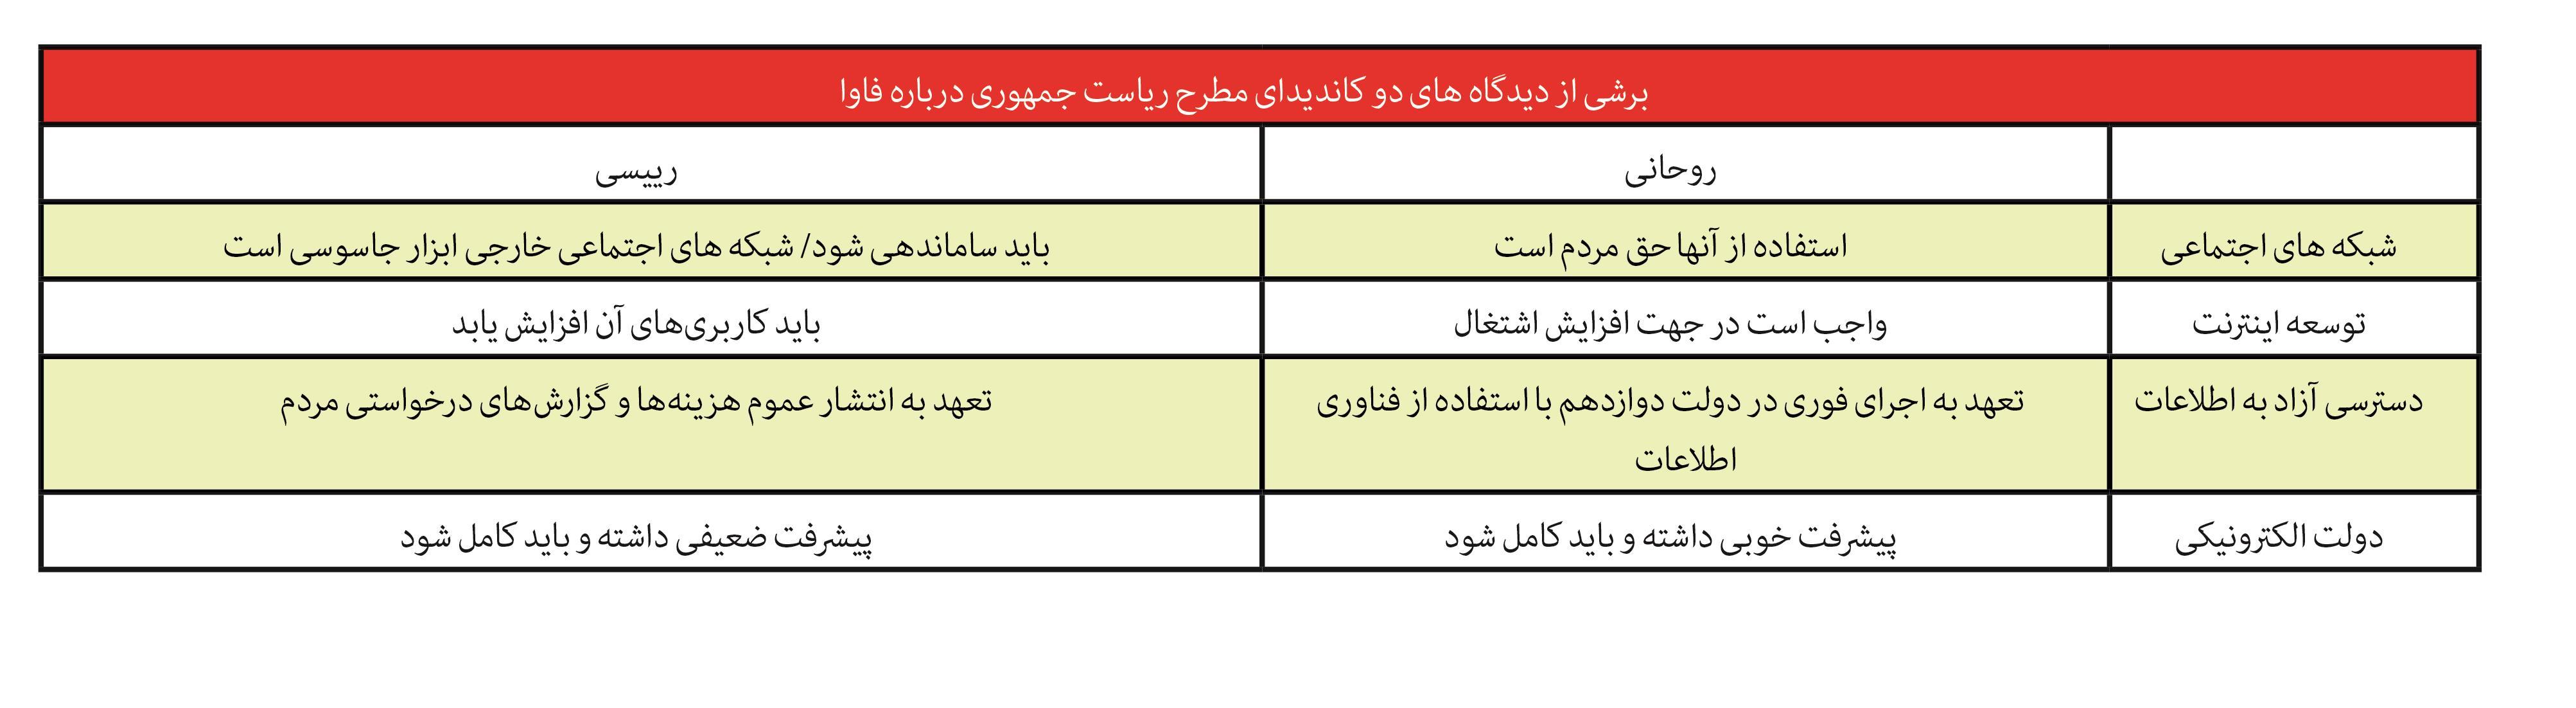 در این مقاله به دیدگاههای حسن روحانی و ابراهیم رئیسی در مسئله فناوری اطلاعات و ارتباطت و از همه مهمتر فناوری های نو ظهور در کشور ایران نگاهی داریم.